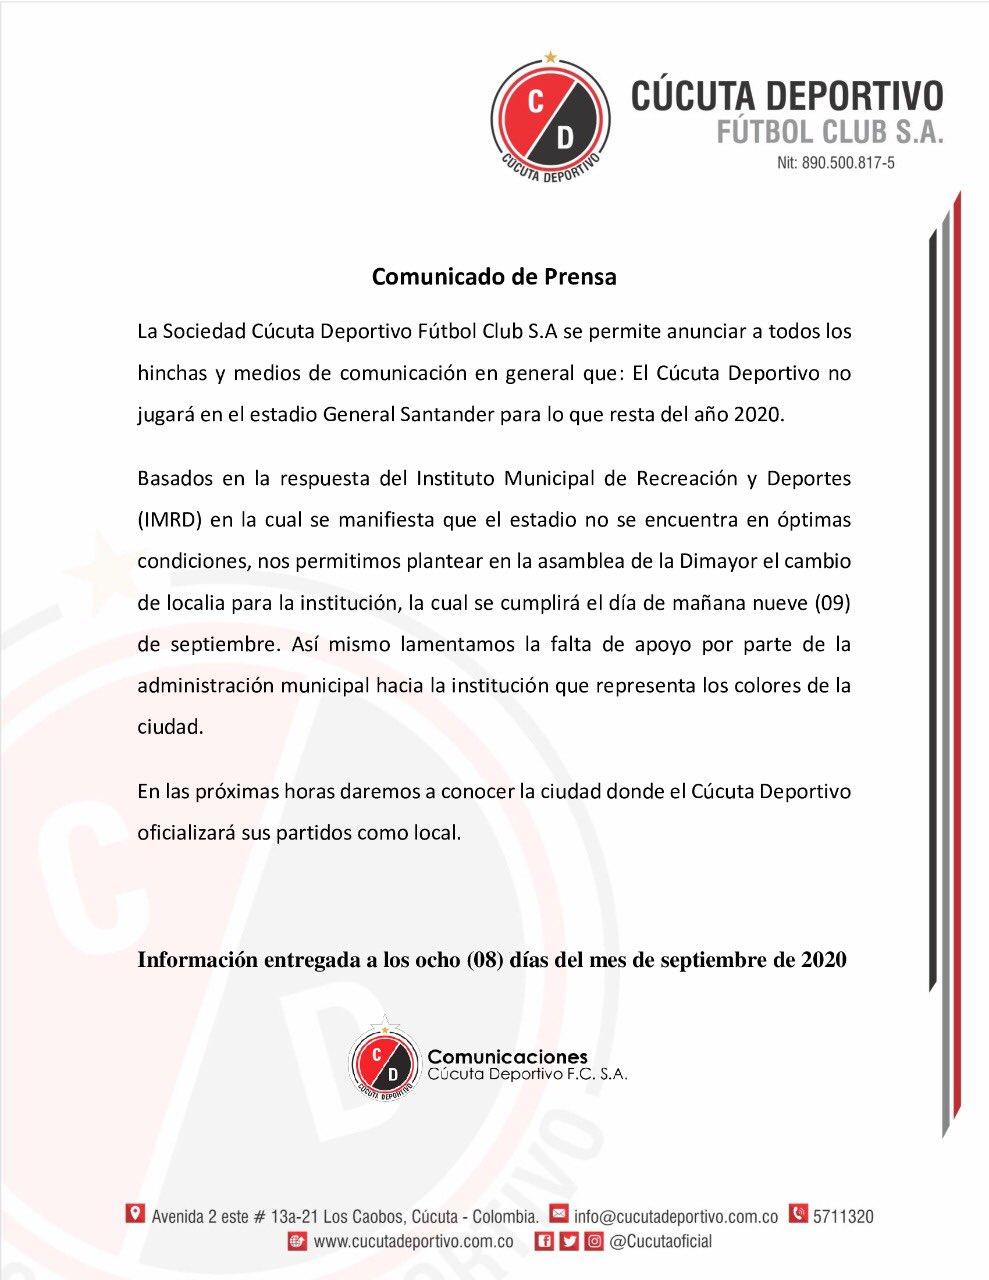 Cucuta Deportivo No Jugara En El General Santander Por Lo Que Resta Del 2020